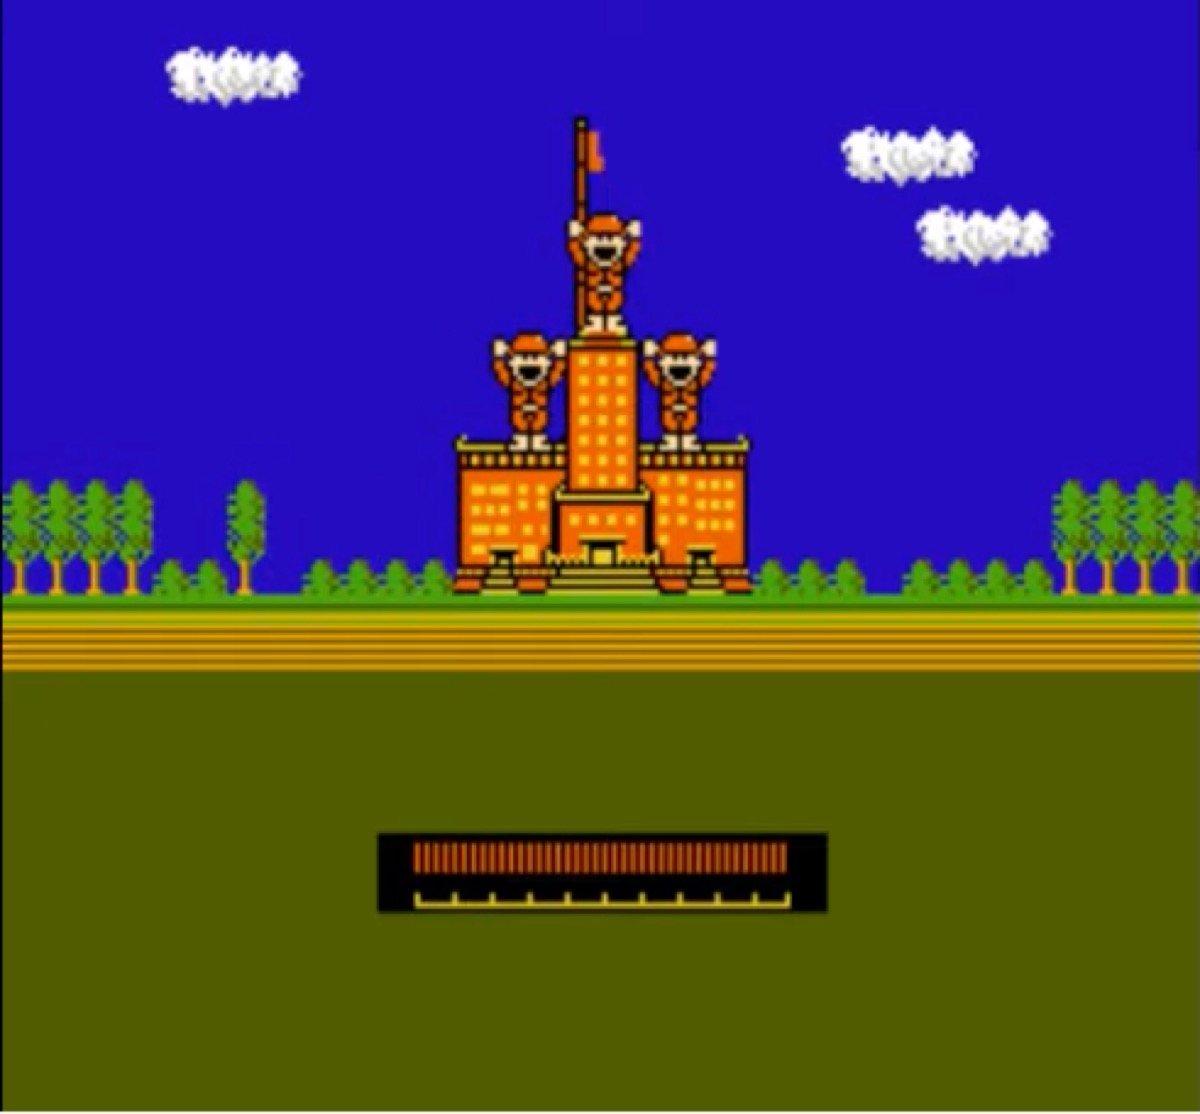 「かあちゃんたちには内緒だぞ!」名作『ファミコンウォーズ』は近代戦争を再現した超リアルな戦争ゲームだったの画像012